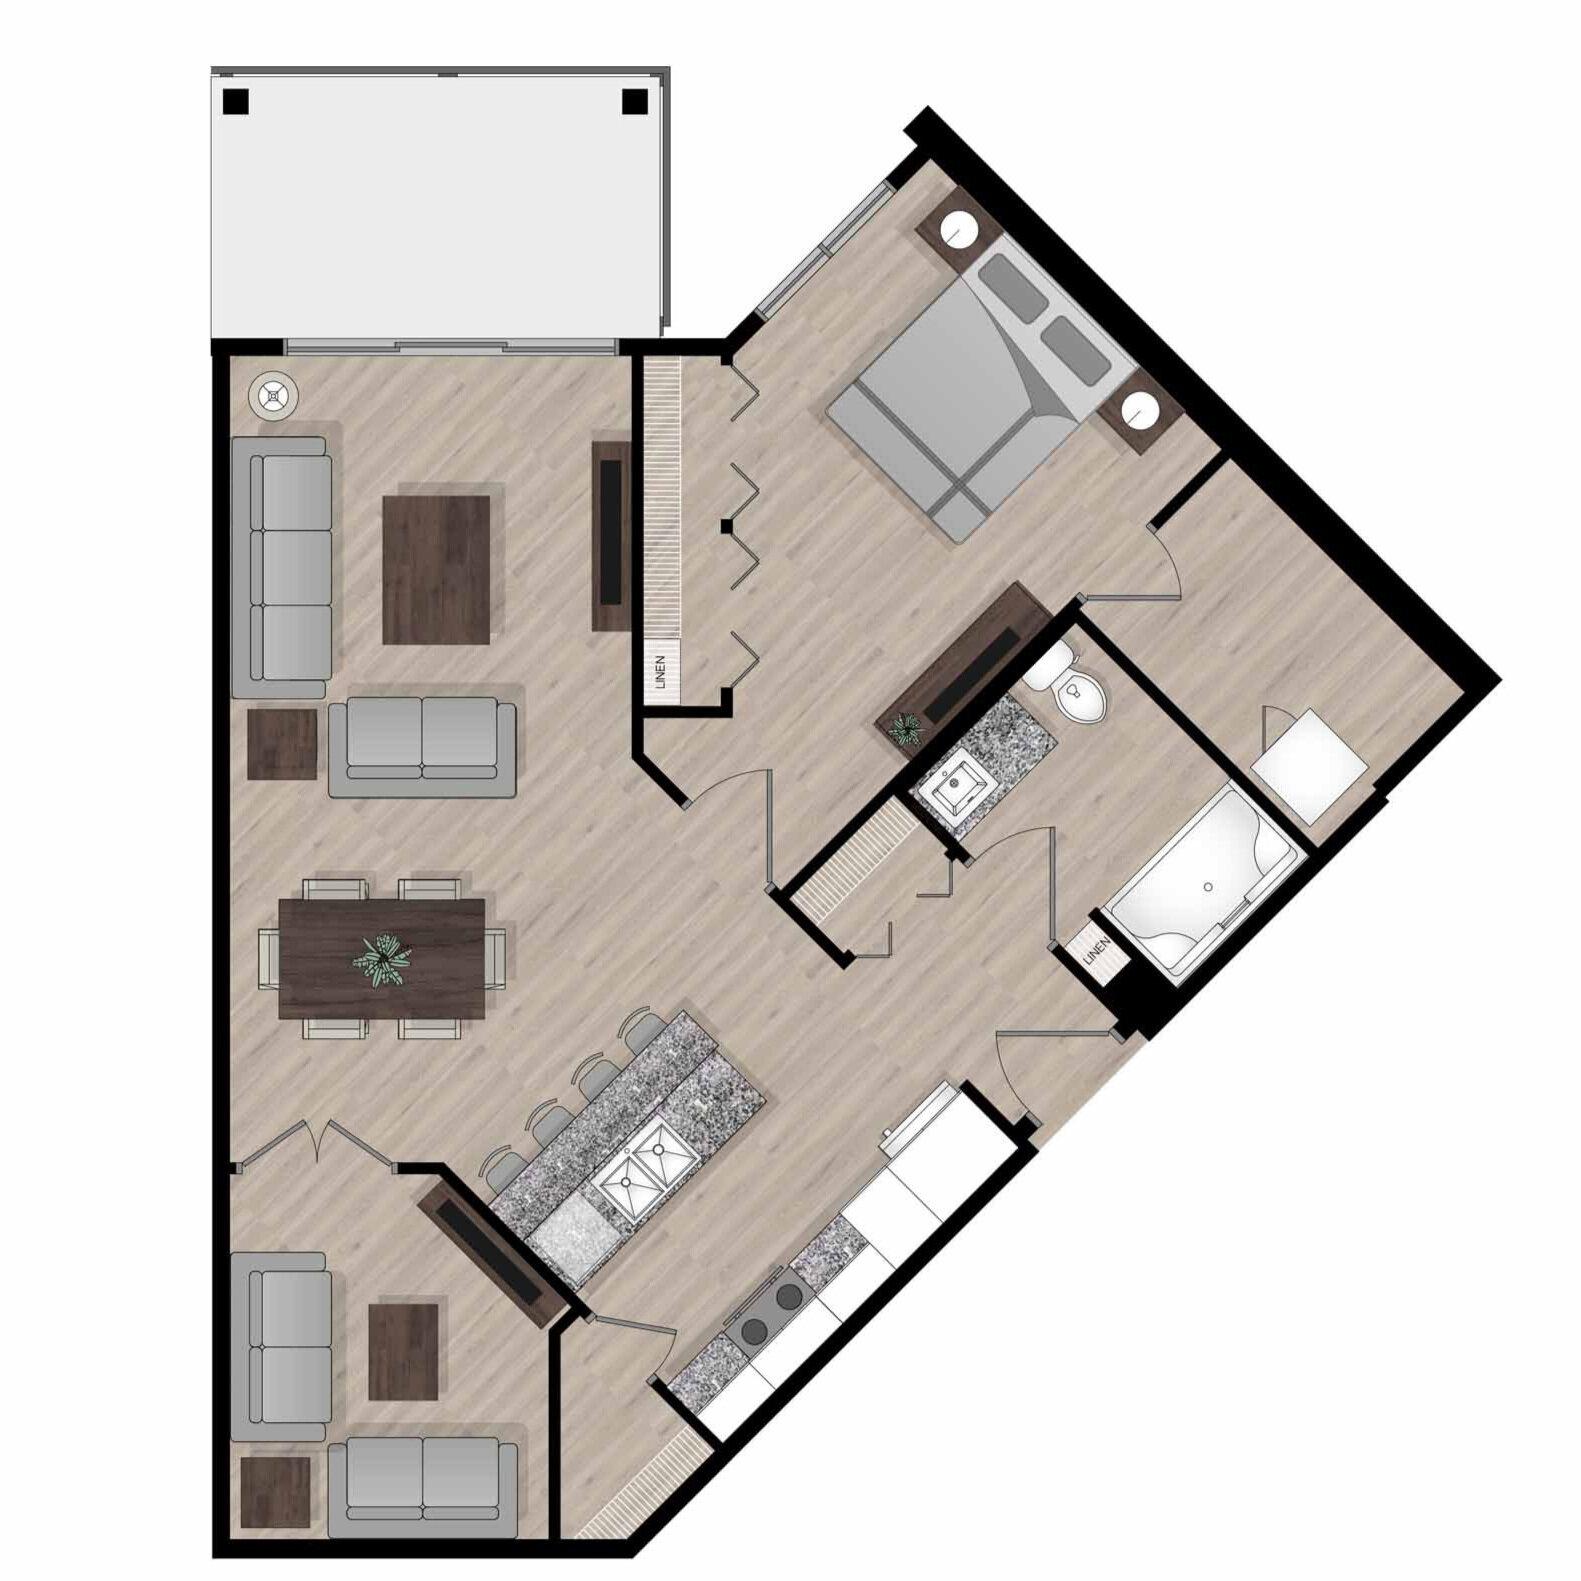 SUITE B4 - 829 SQ.FT.1 BEDROOM1 DEN1 BATHROOM